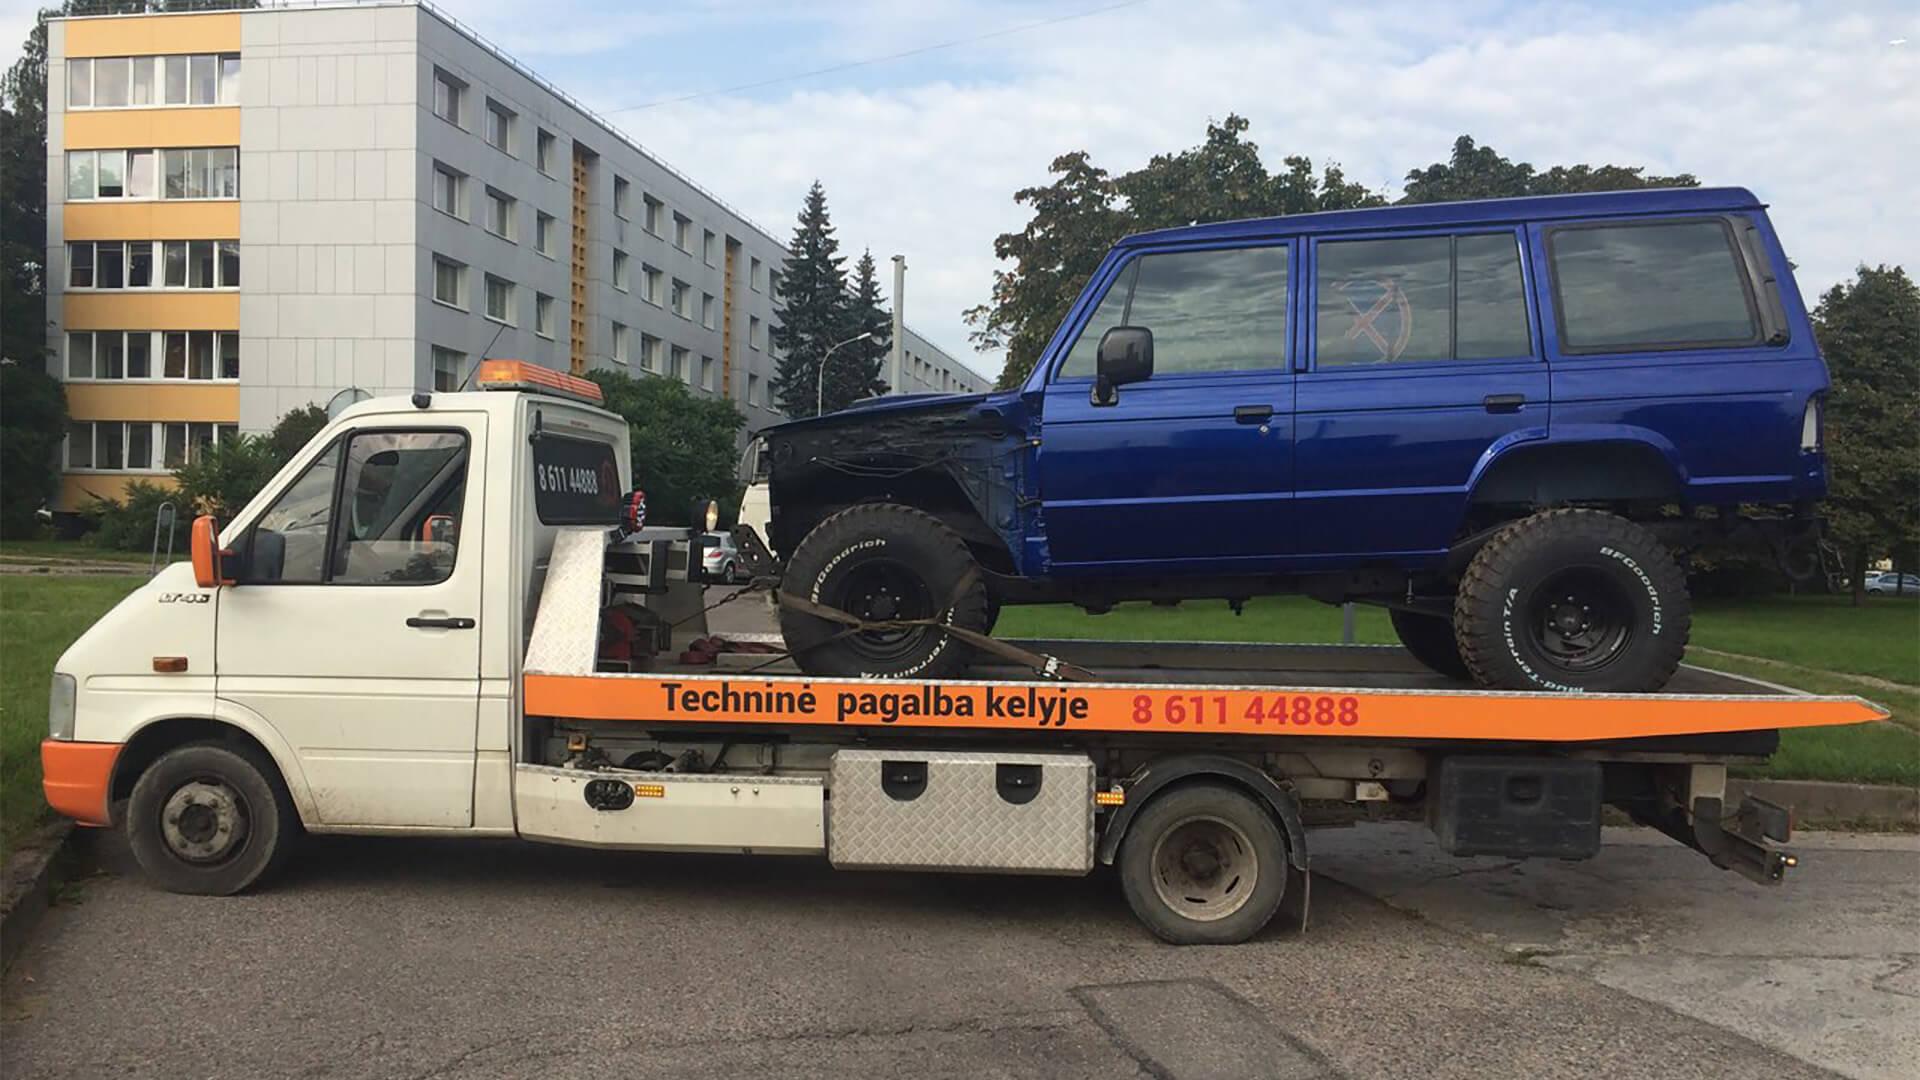 Tralo paslaugos techninė pagalba kelyje visa para 24 7 visoje Lietuvoje Vilniuje